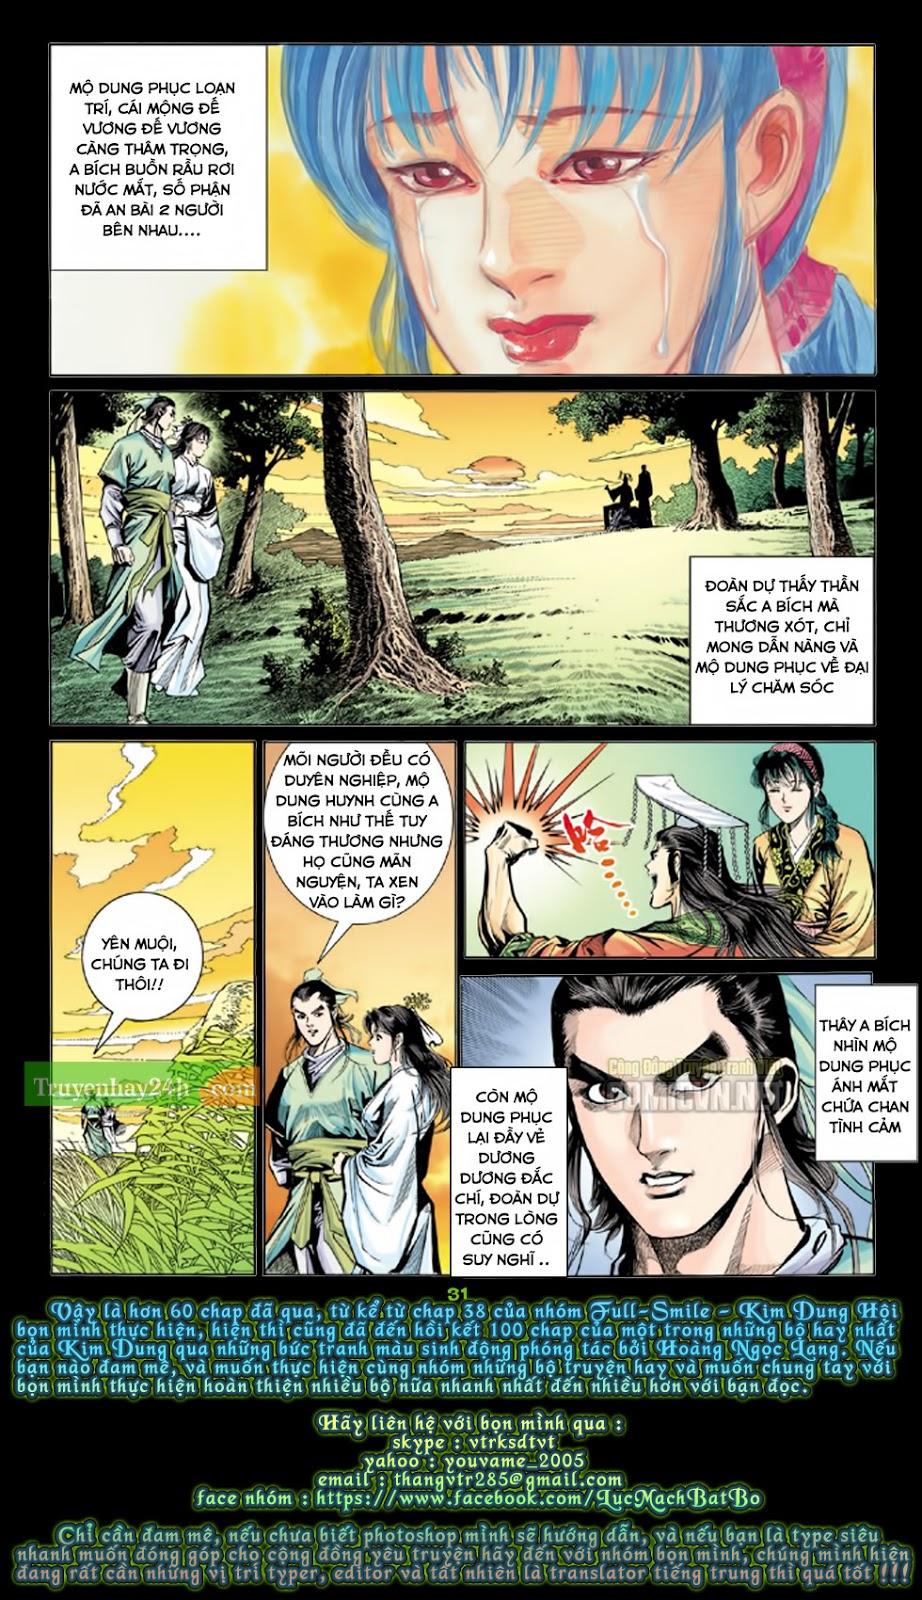 Thiên Long Bát Bộ chap 100 – End Trang 31 - Mangak.info